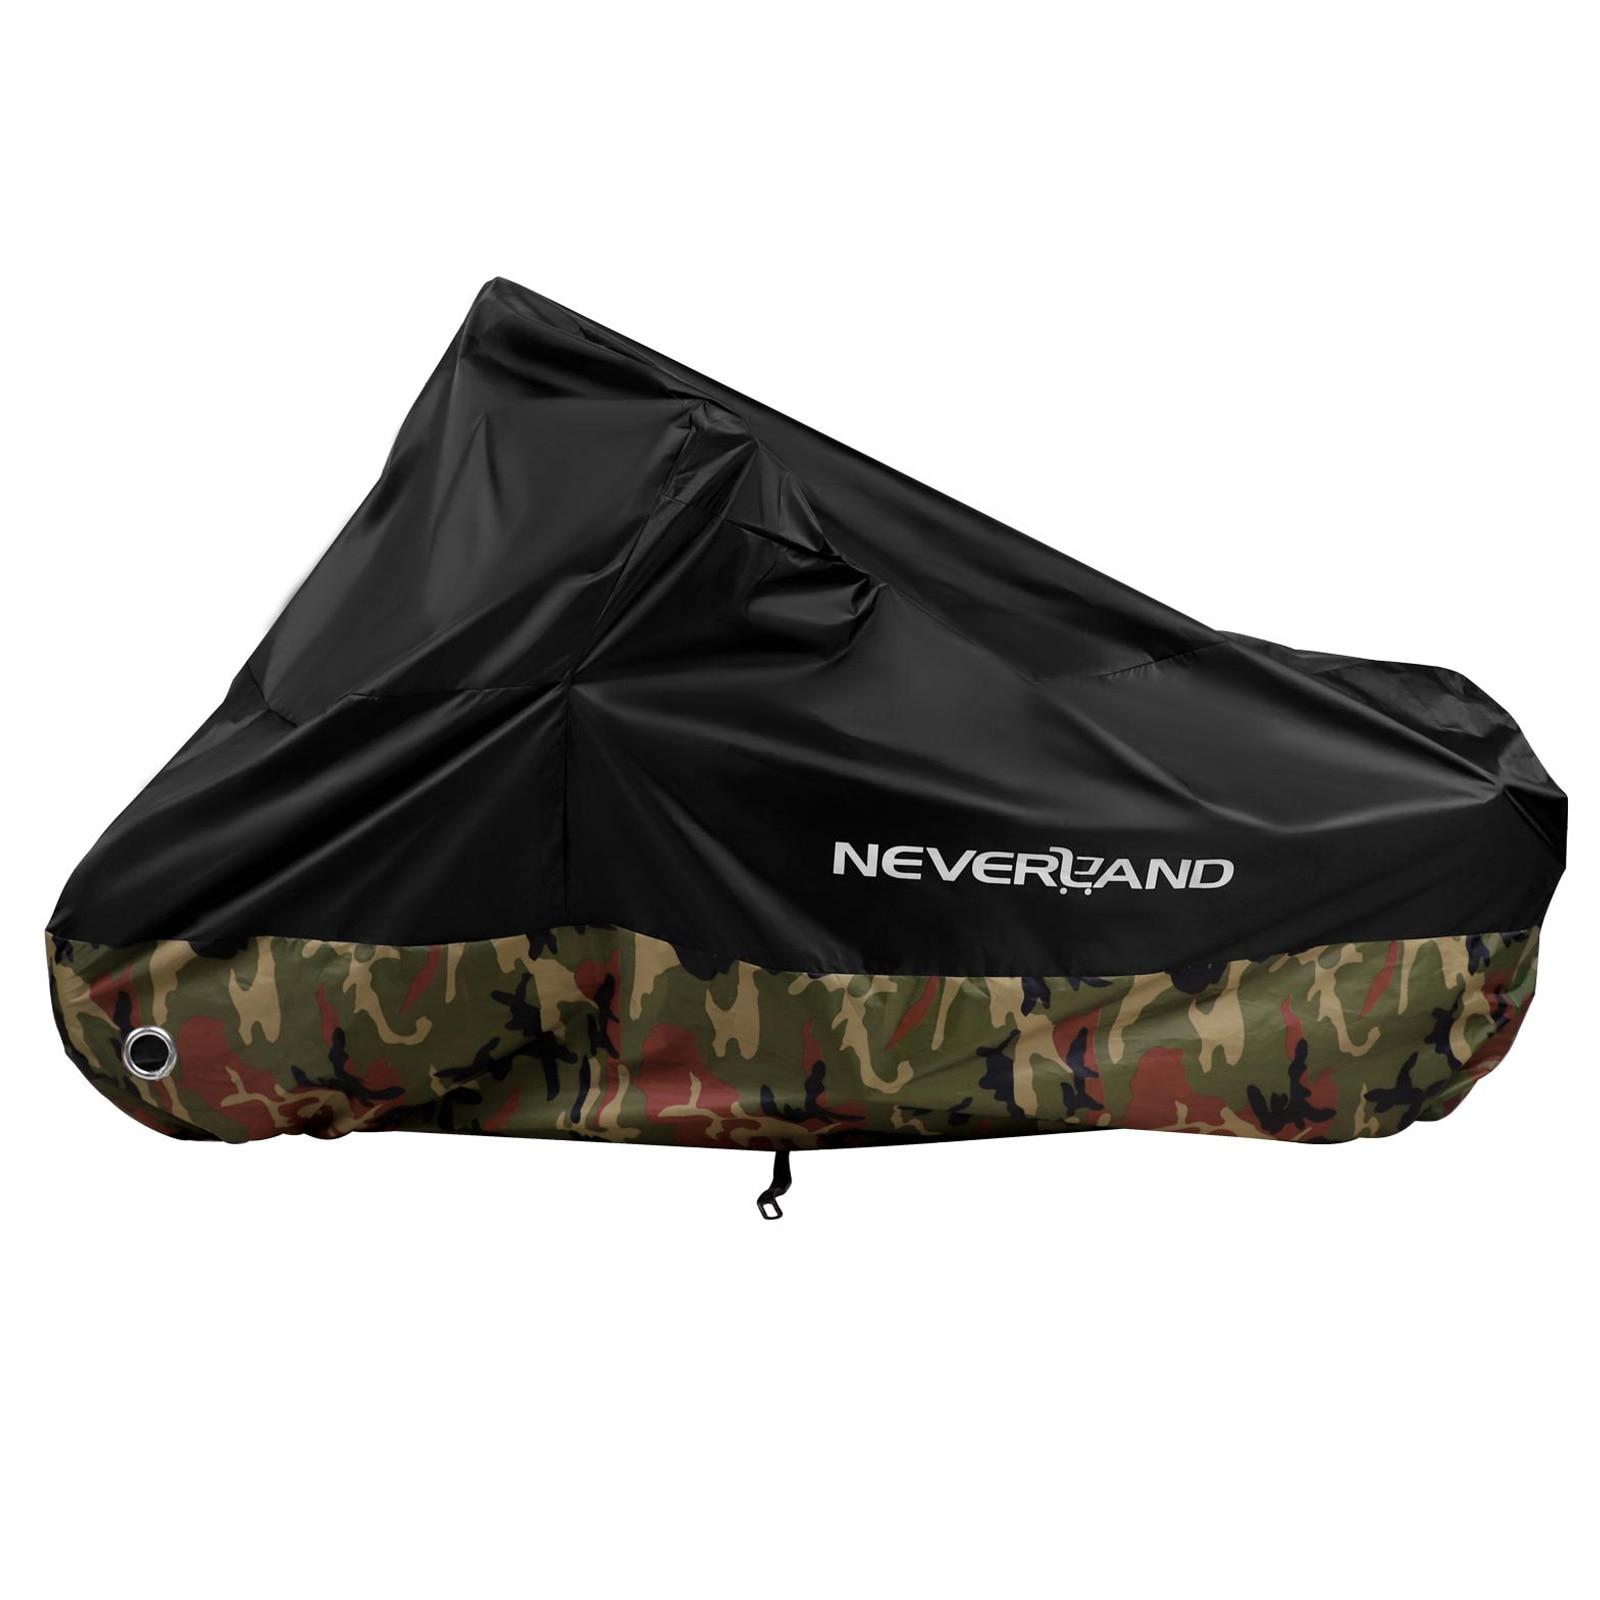 Cubierta de protección UV para motocicleta, a prueba de agua y lluvia, 190T, para todas las estaciones, para exteriores, Motor de tierra, Moto D45